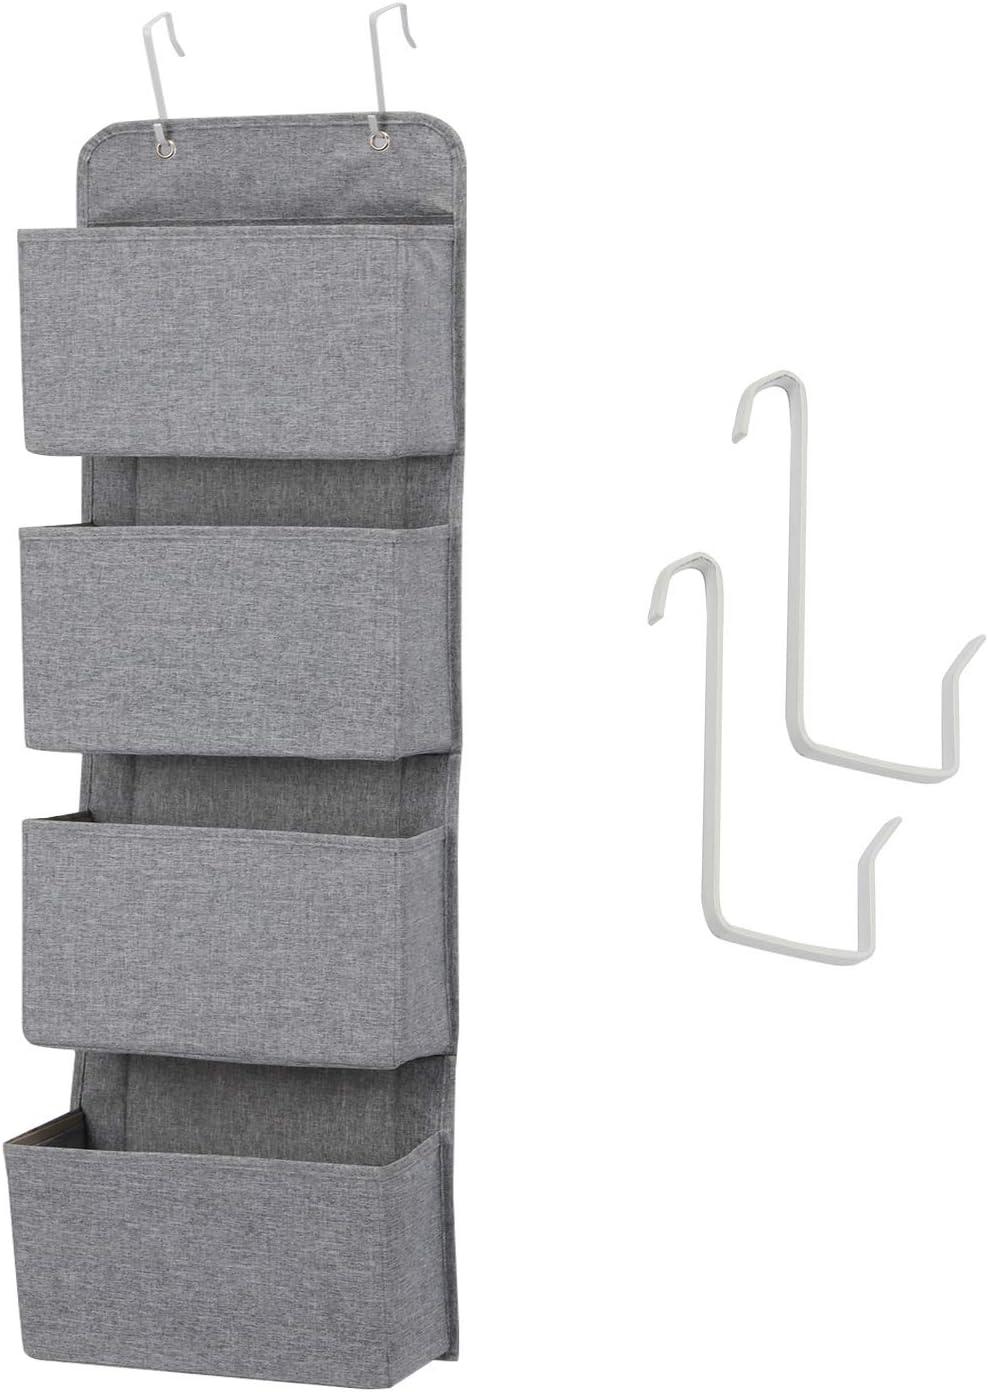 MaidMAX Organizador de Puerta, Organizador para Colgar en la Puerta con 4 Bolsillos, Organizador Vertical del Tipo Bolsillo para Almacenaje de Juguetes, Pañales, Toallas, Gris